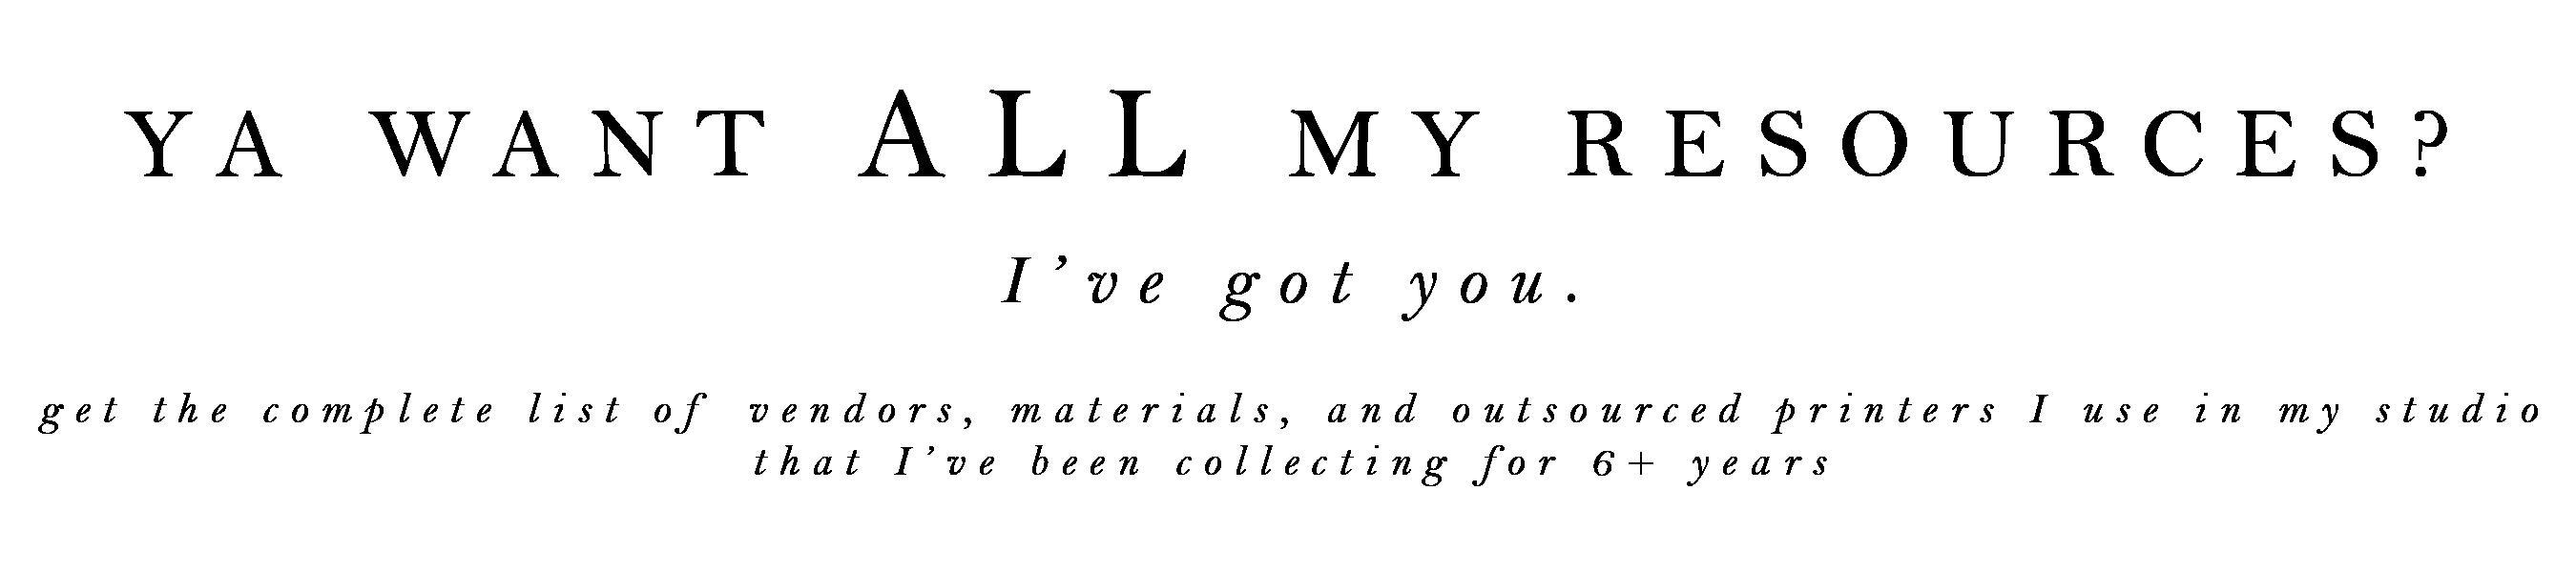 7d8422f0